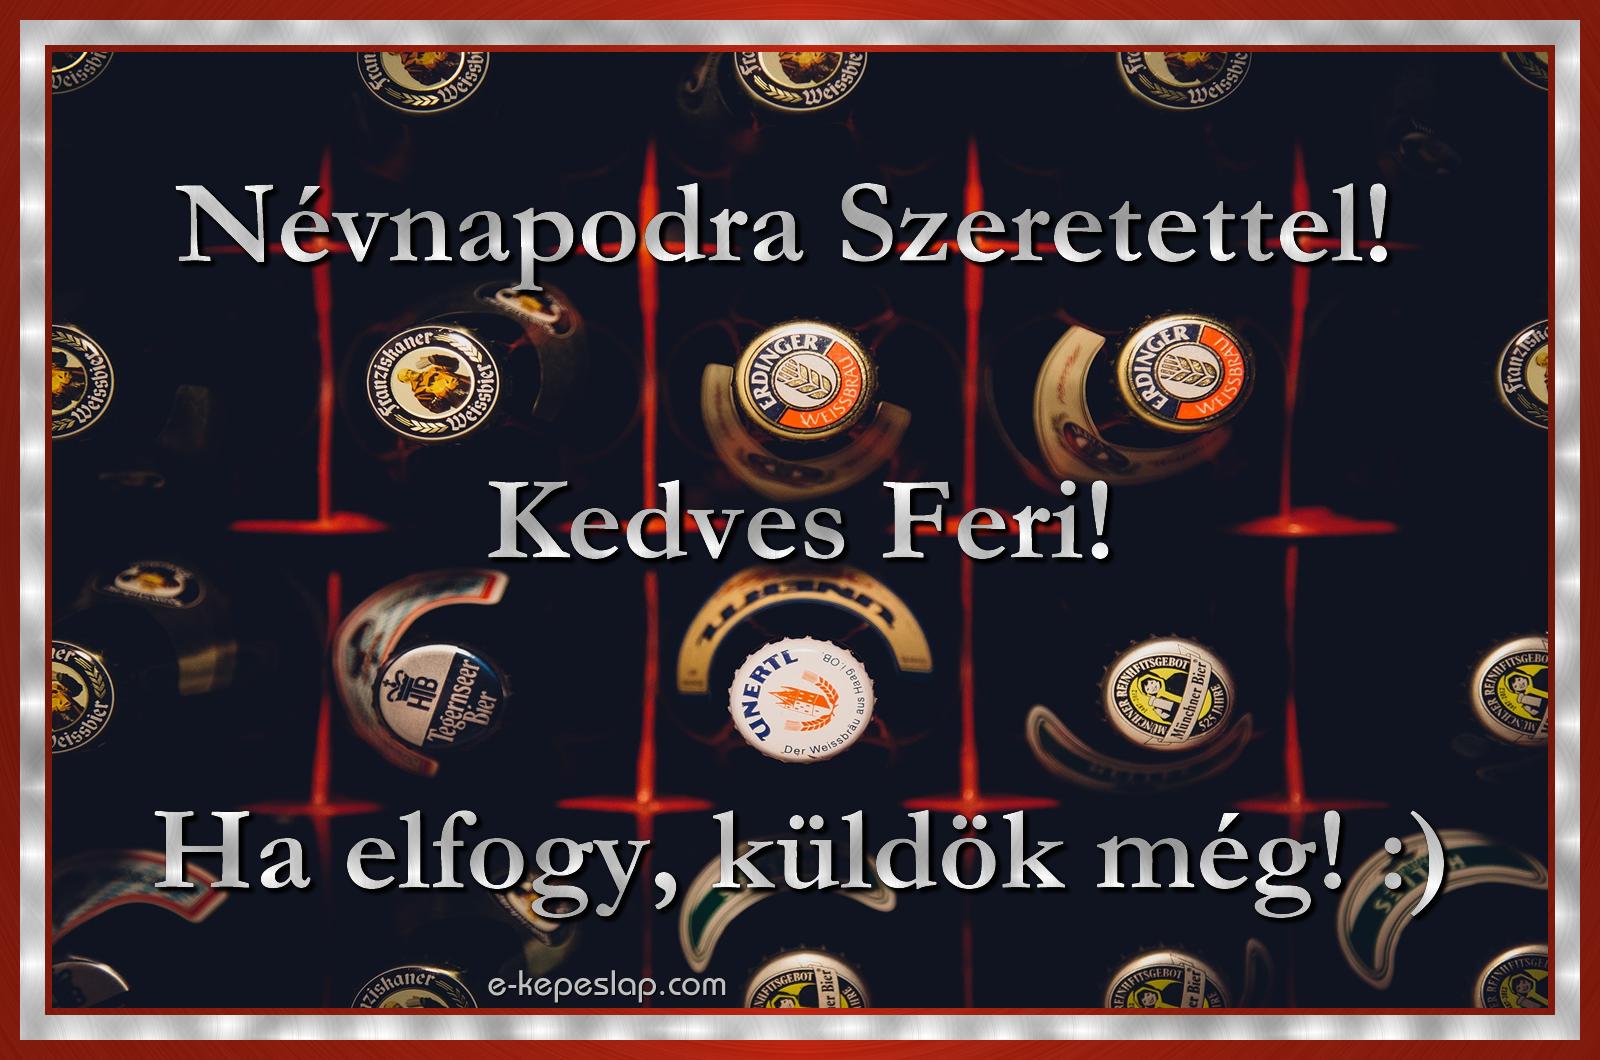 ferenc névnapi képek Ferenc névnapi képeslap   Képeslapküldés   e kepeslap.com ferenc névnapi képek